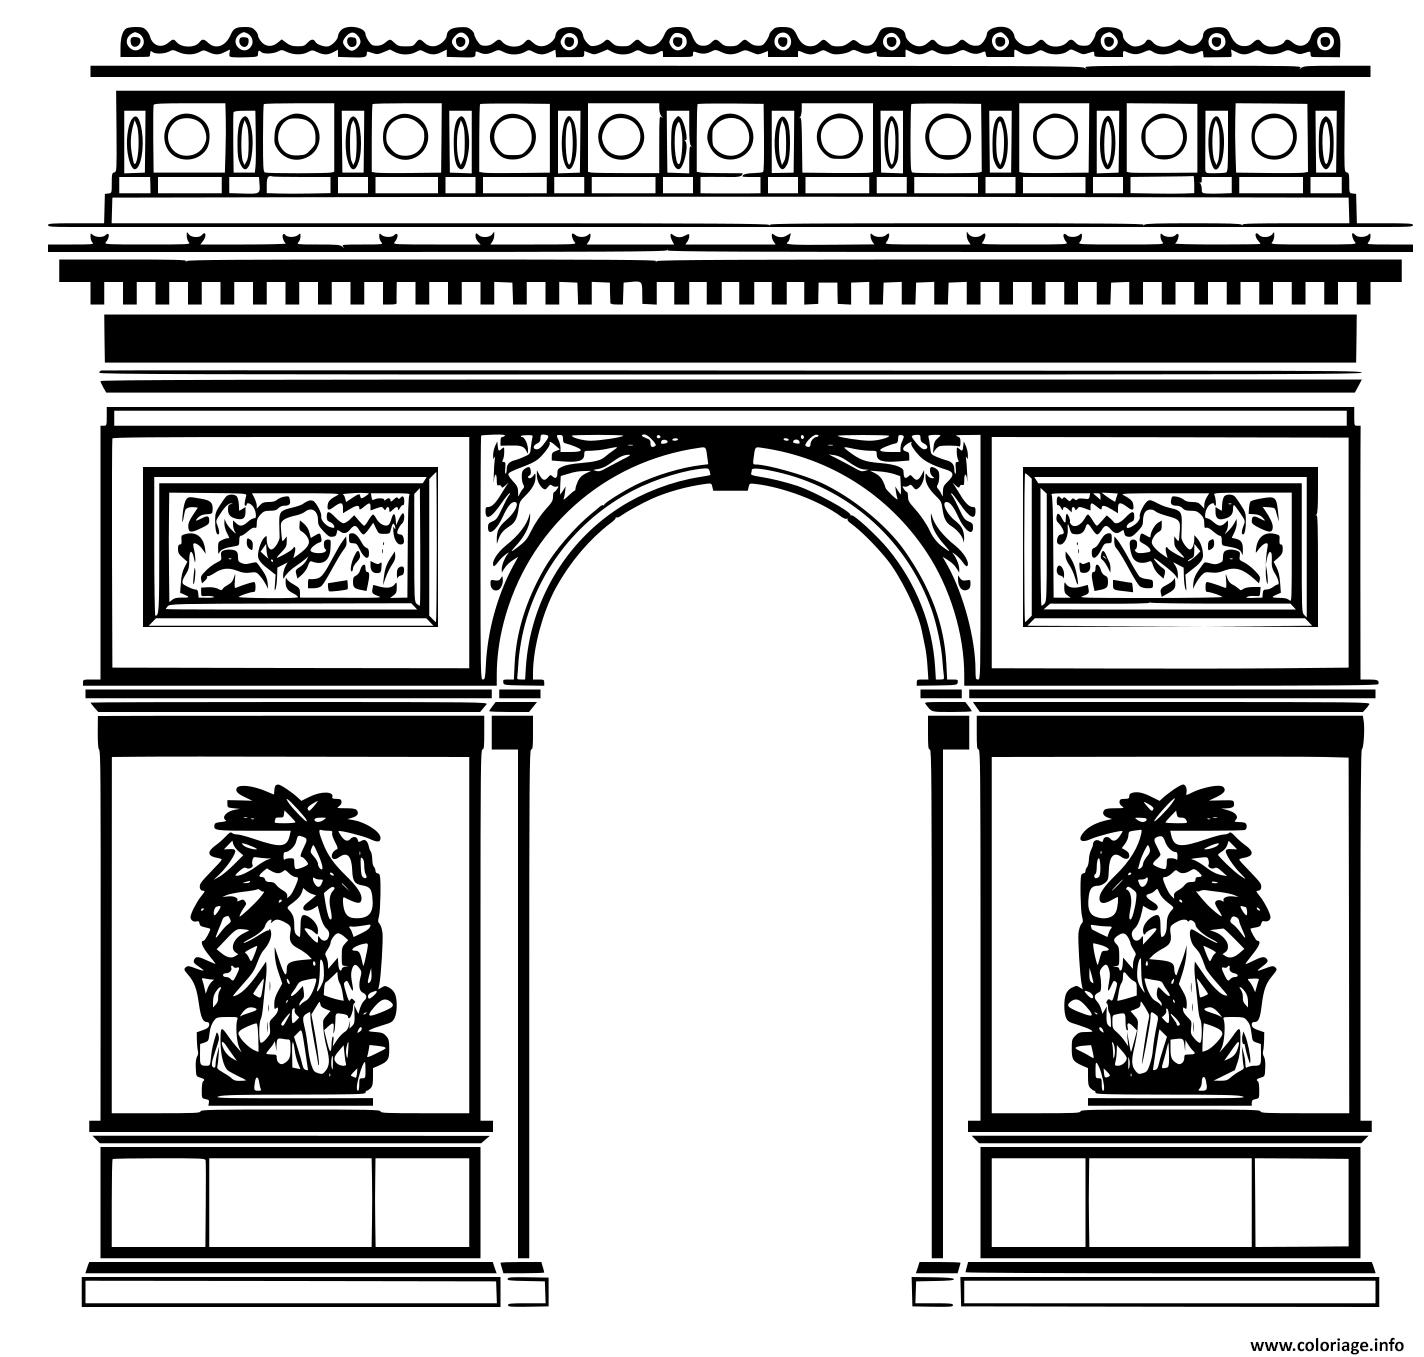 Dessin ville de paris arc de triomphe Coloriage Gratuit à Imprimer